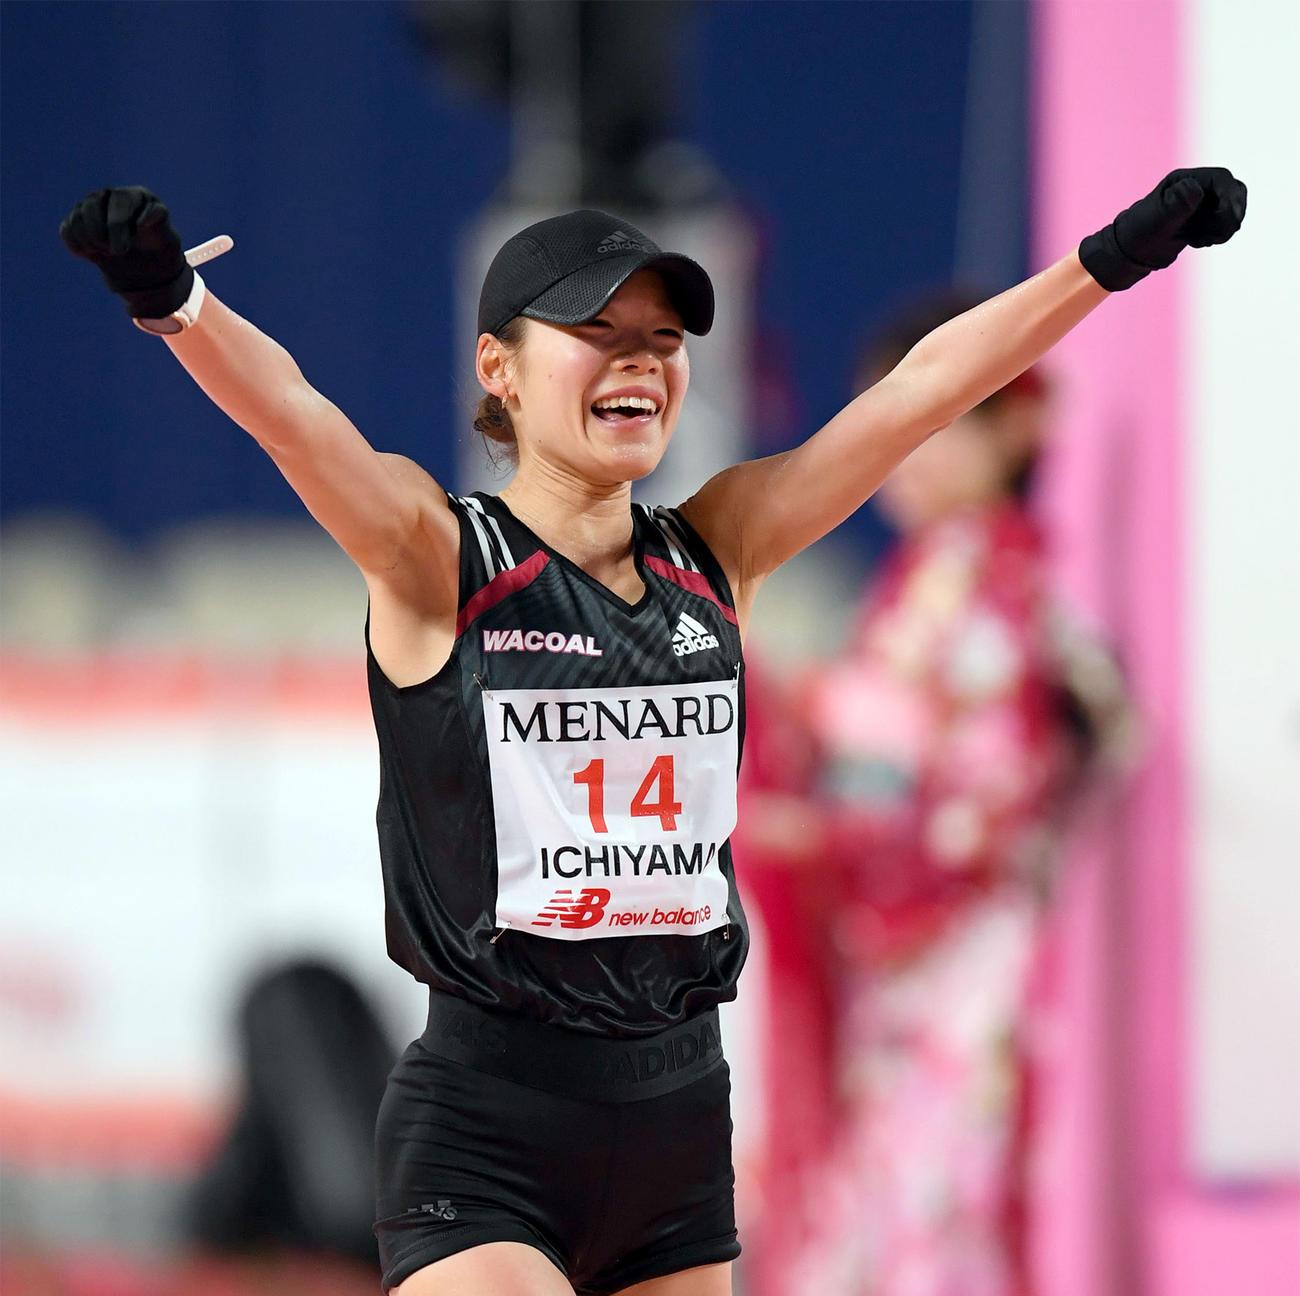 名古屋ウィメンズマラソン、ガッツポーズでゴールする一山麻緒(2020年3月8日撮影)